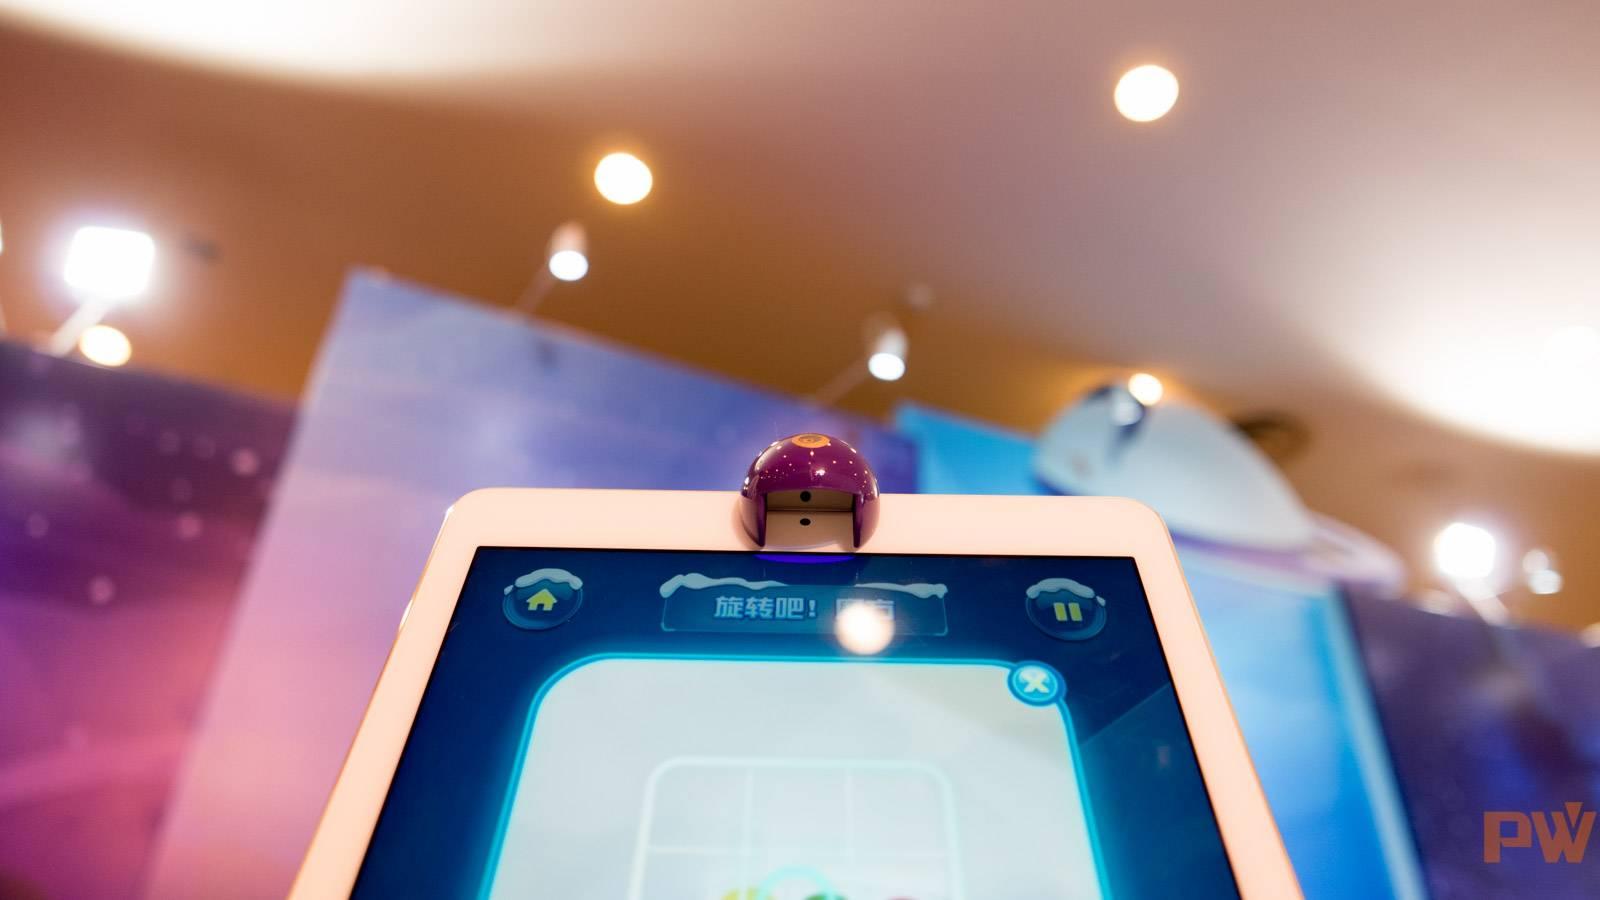 putaokeji-child-AR-VR-wanju-ipad PingWest photo by Hao Ying-2